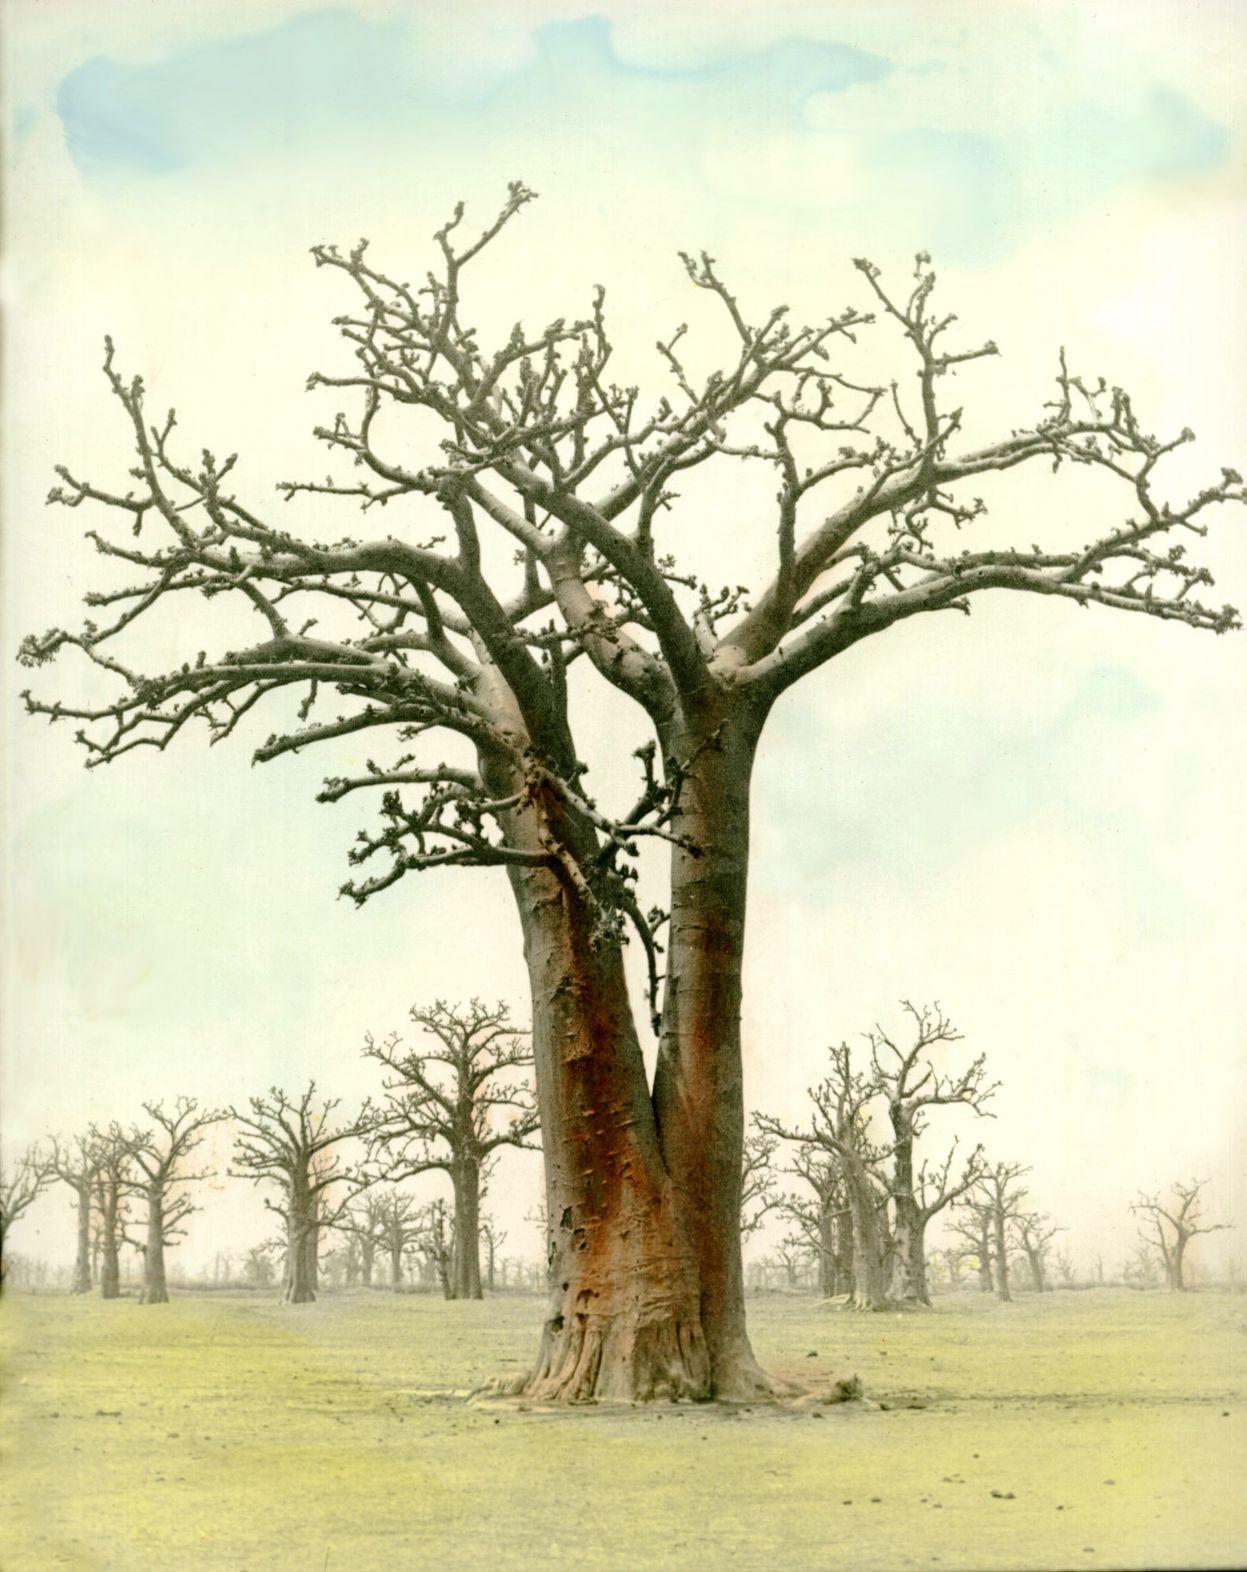 La sombra del Baobab (1996) - Nando von Darder